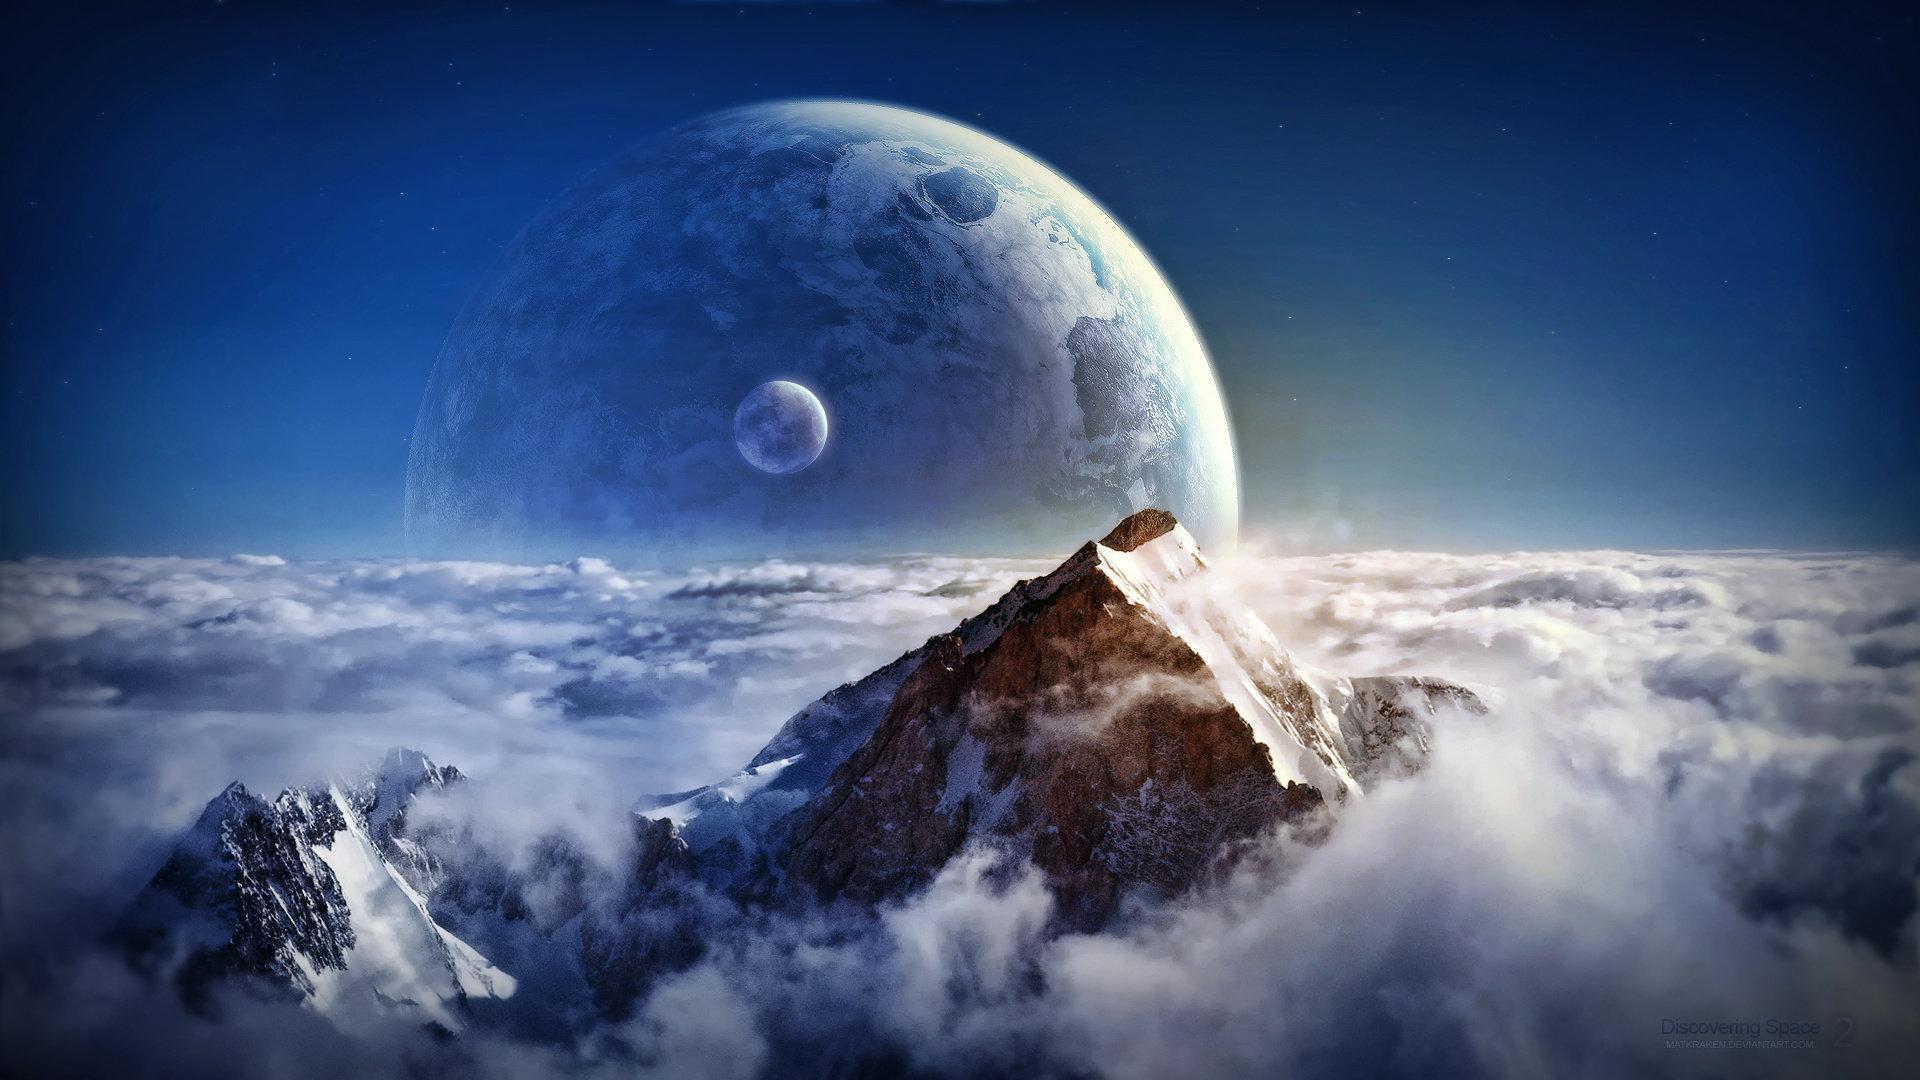 planet wallpaper hd